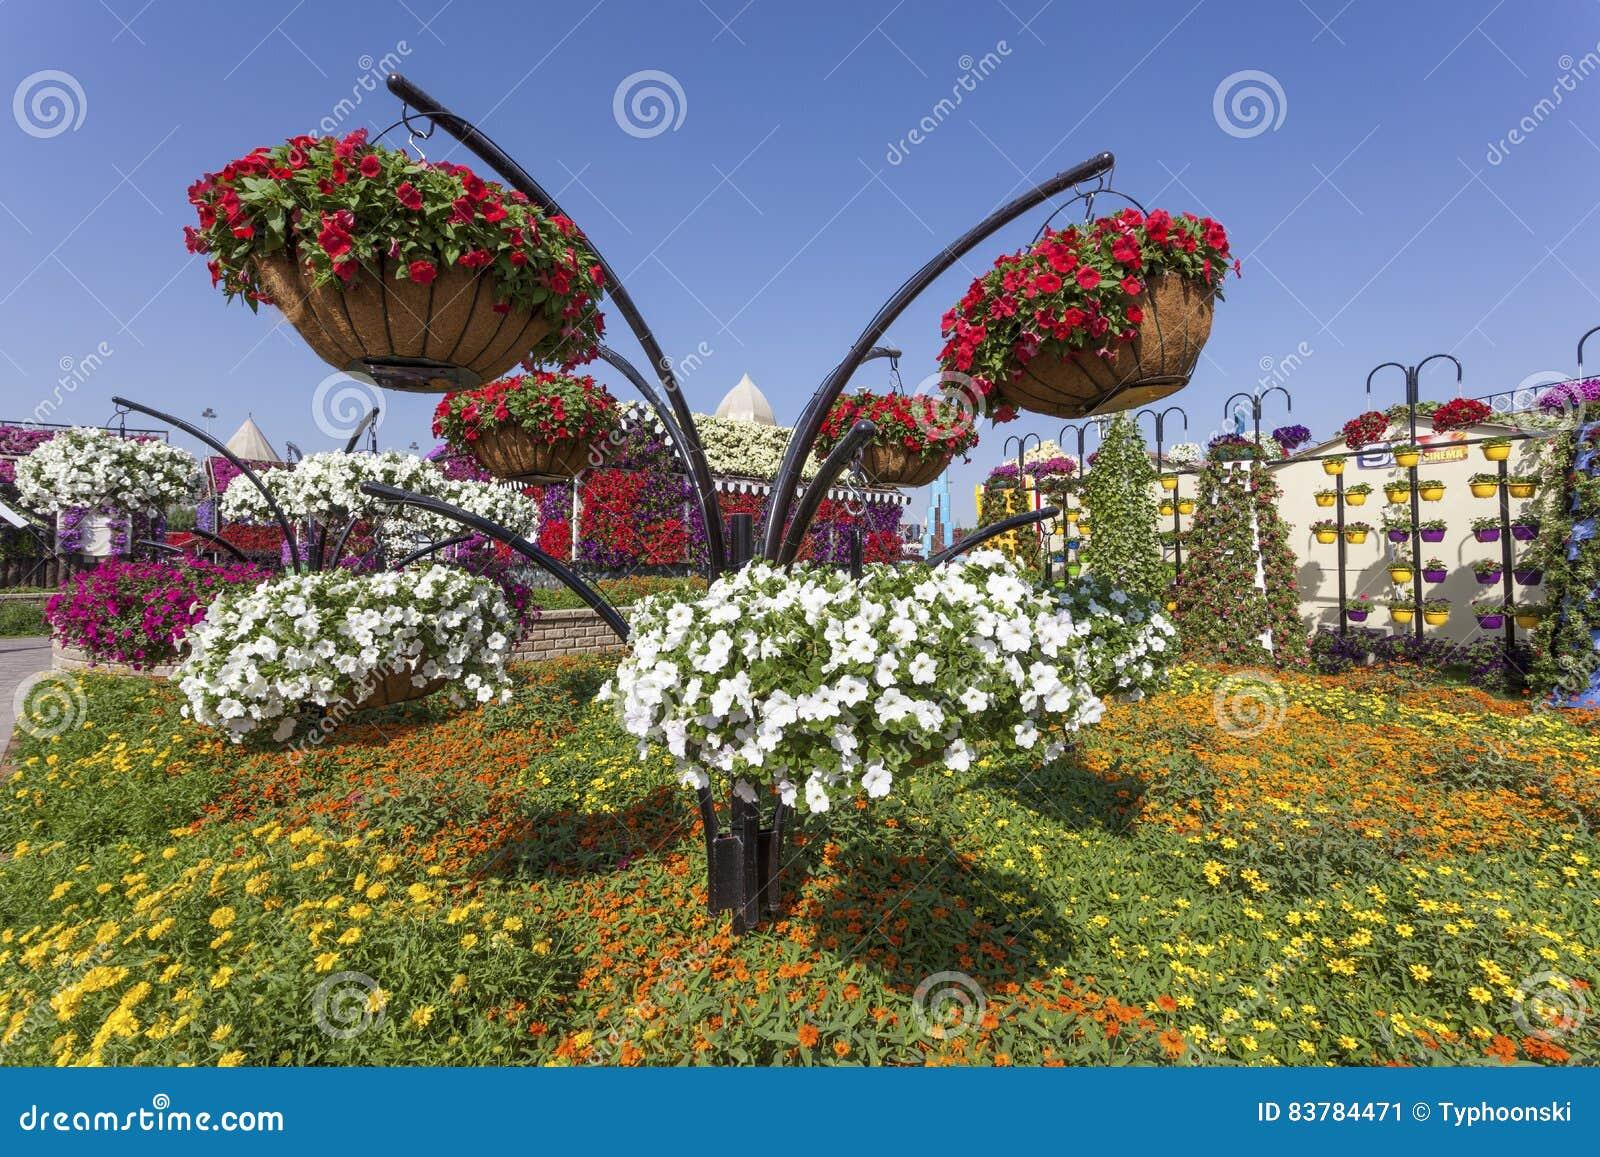 Fleurs au jardin de miracle duba photo ditorial for Fleurs thes au jardin